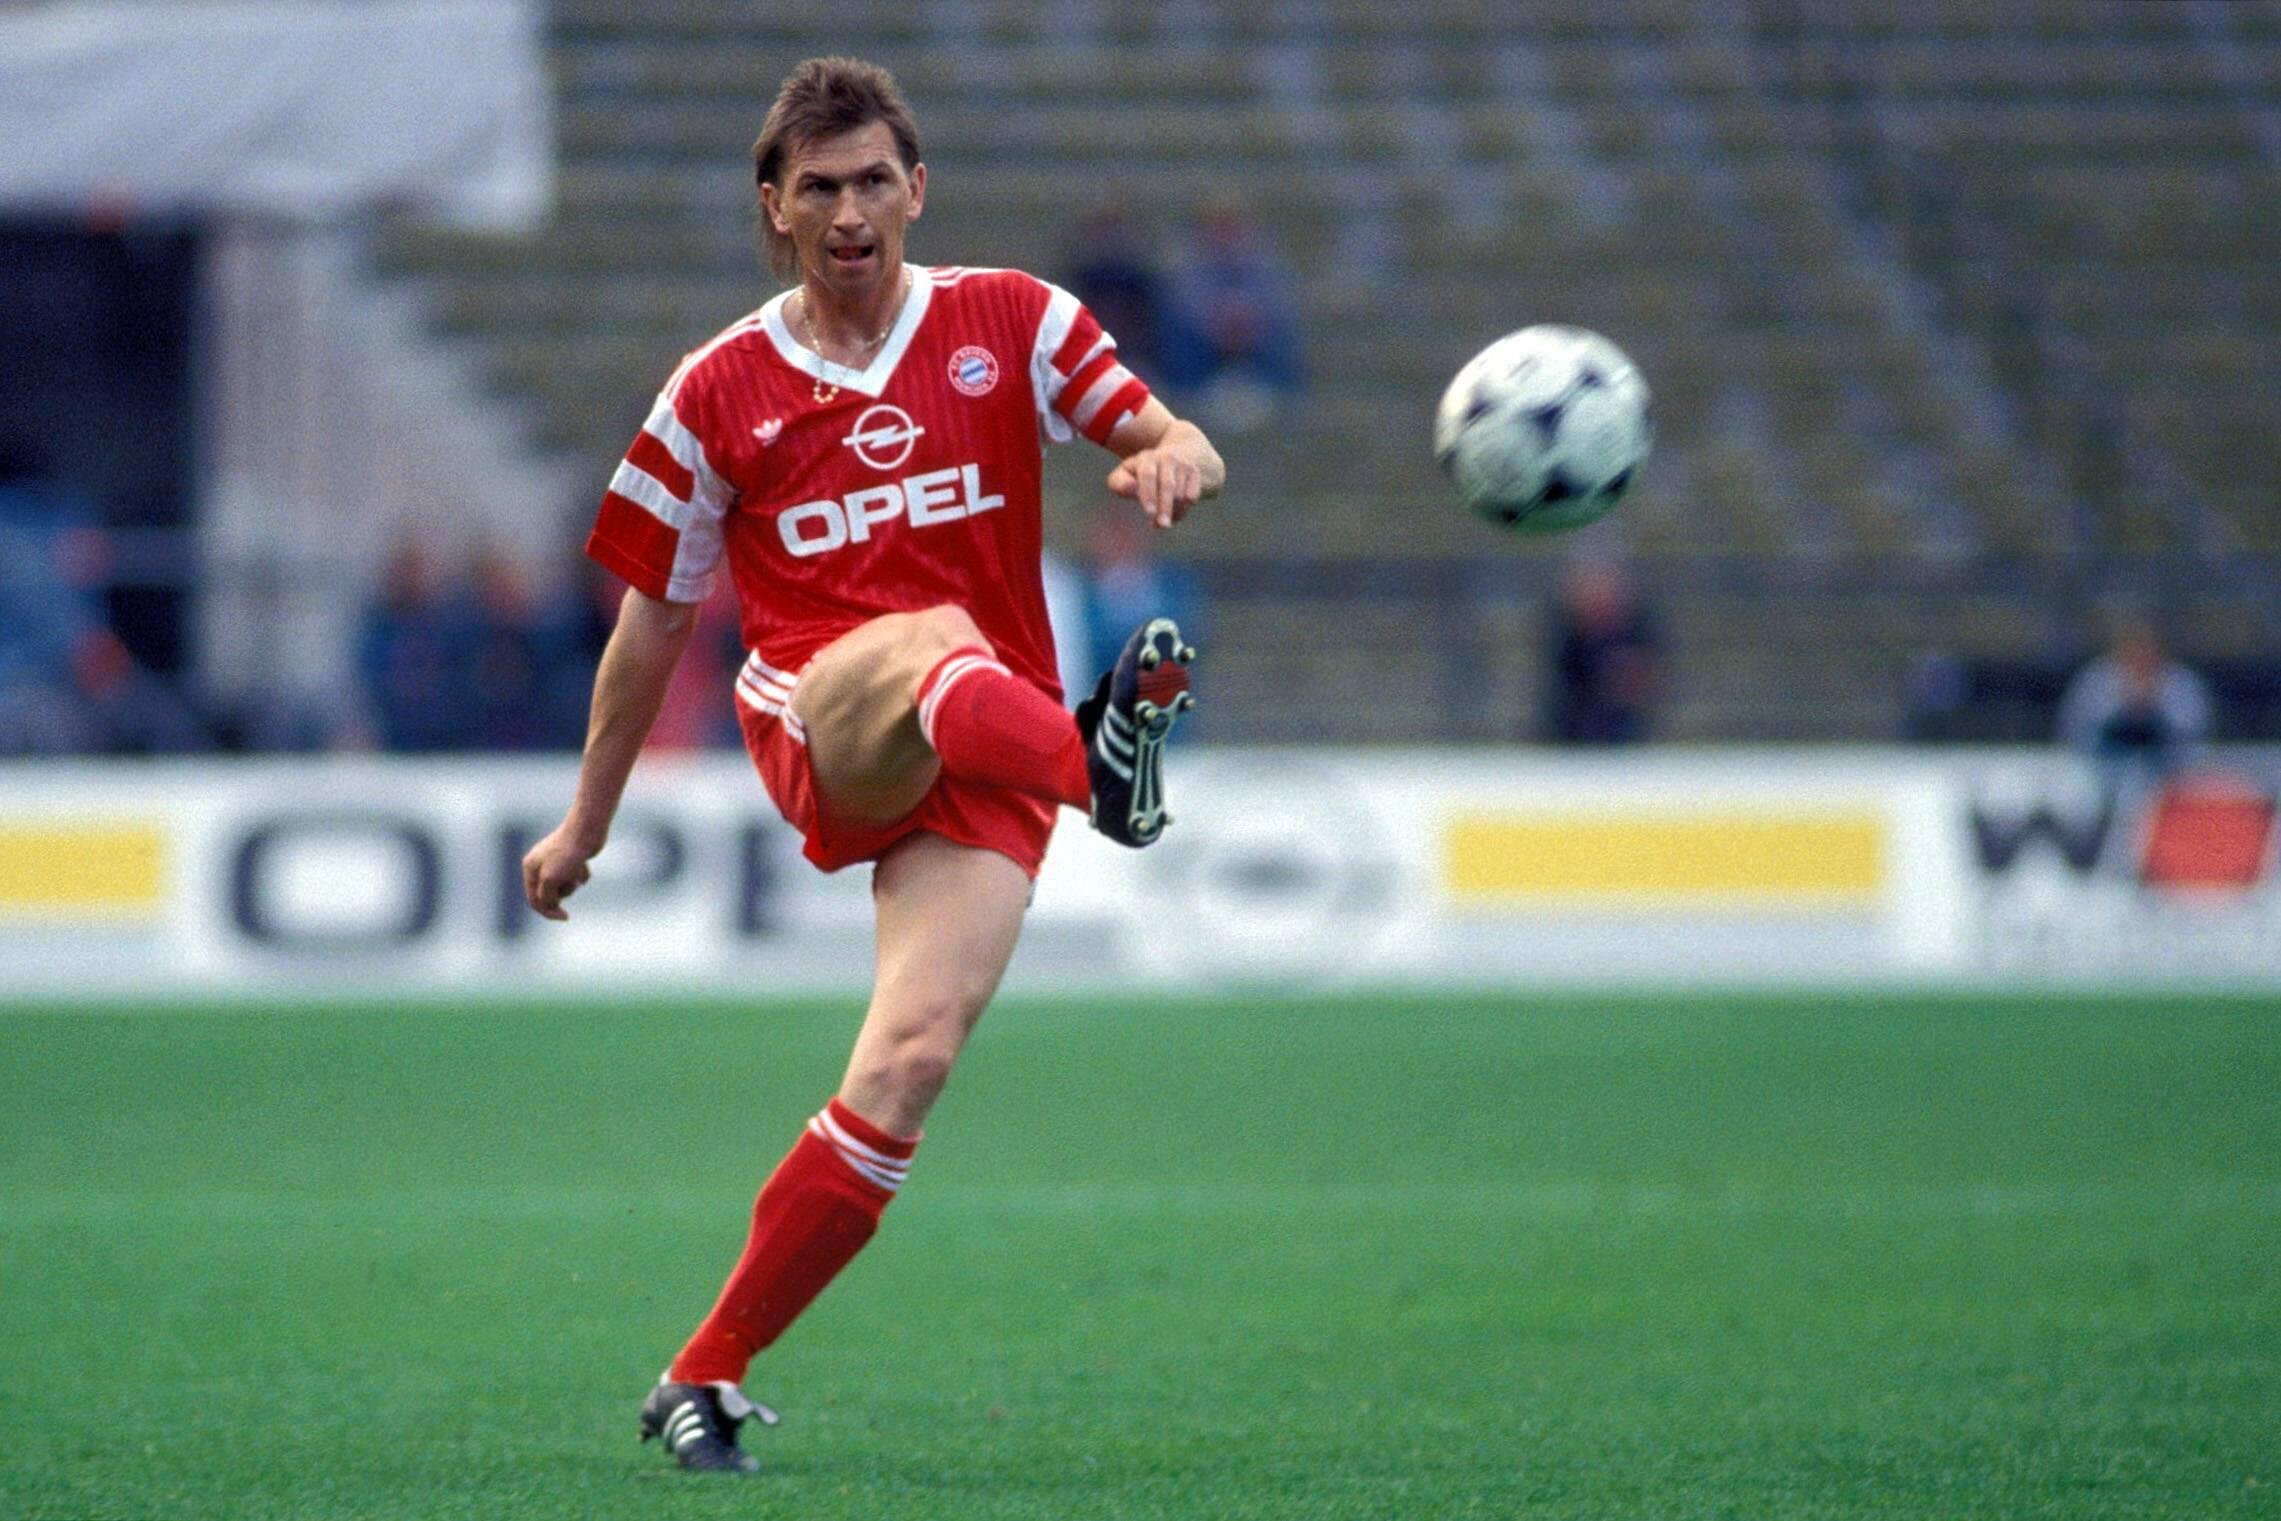 Bild zu Klaus Augenthaler, FC Bayern München, Bundesliga, 1990/91